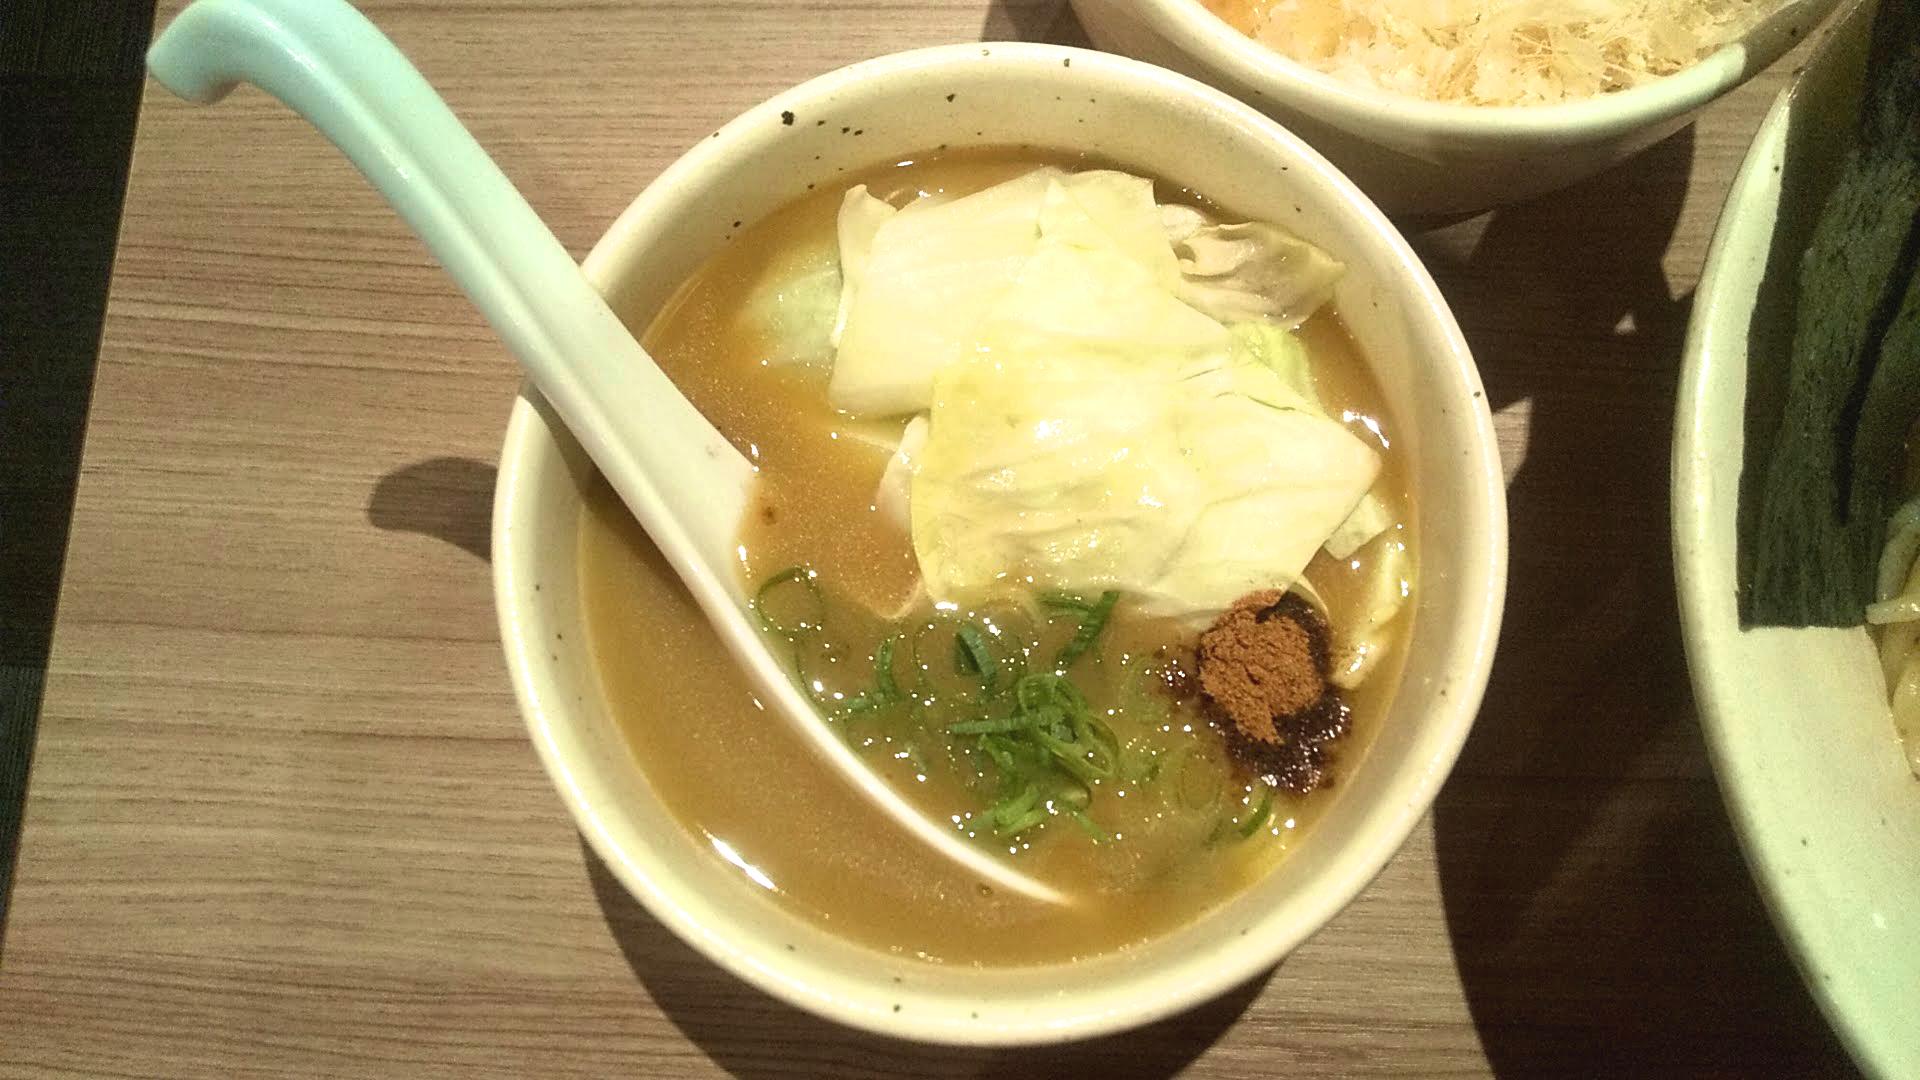 鶏そばかぐら屋の特製つけ麺のつけ汁の写真